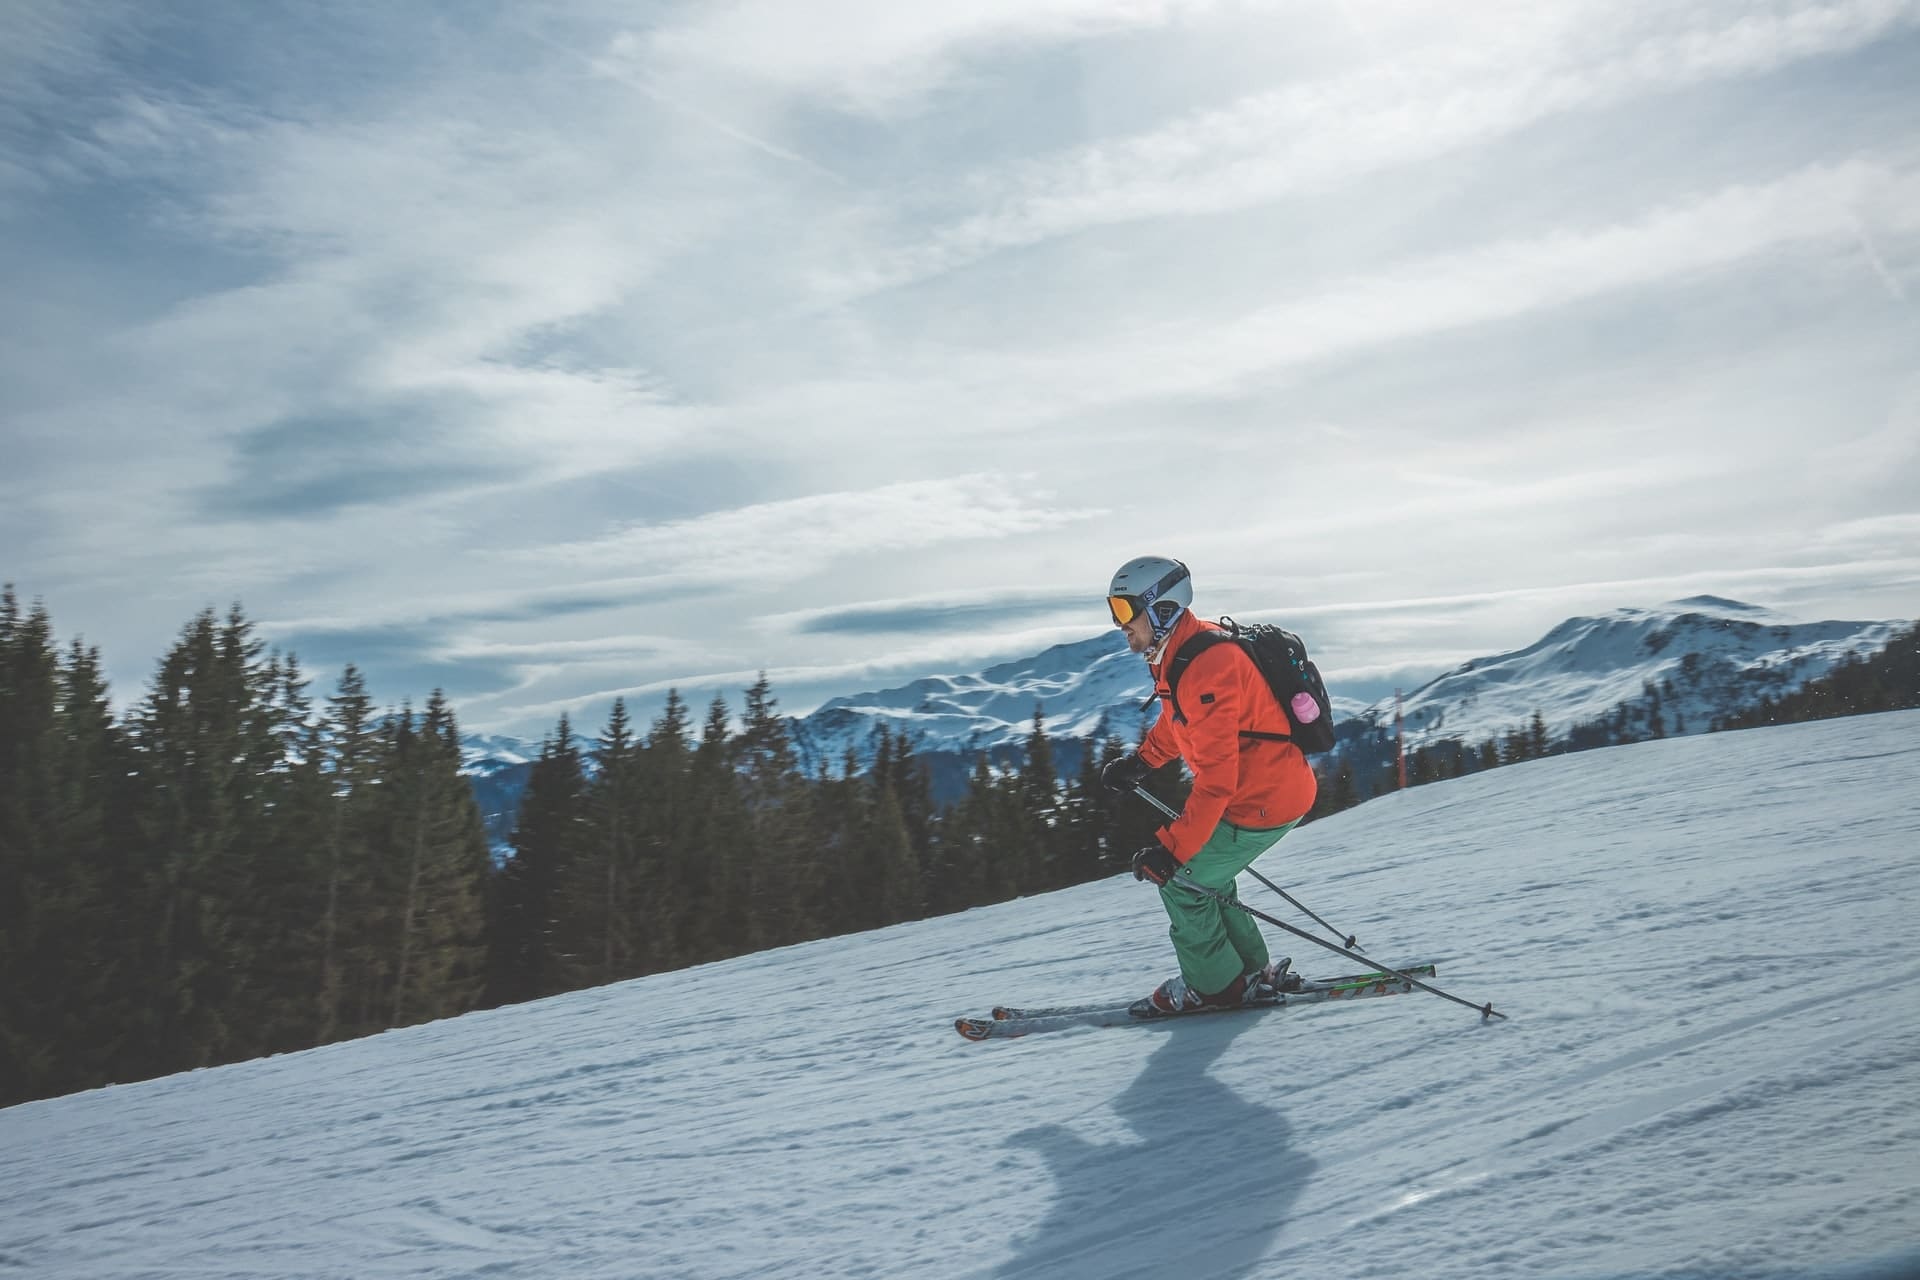 Équipement de ski : qu'est-ce qu'un vêtement thermorégulateur?